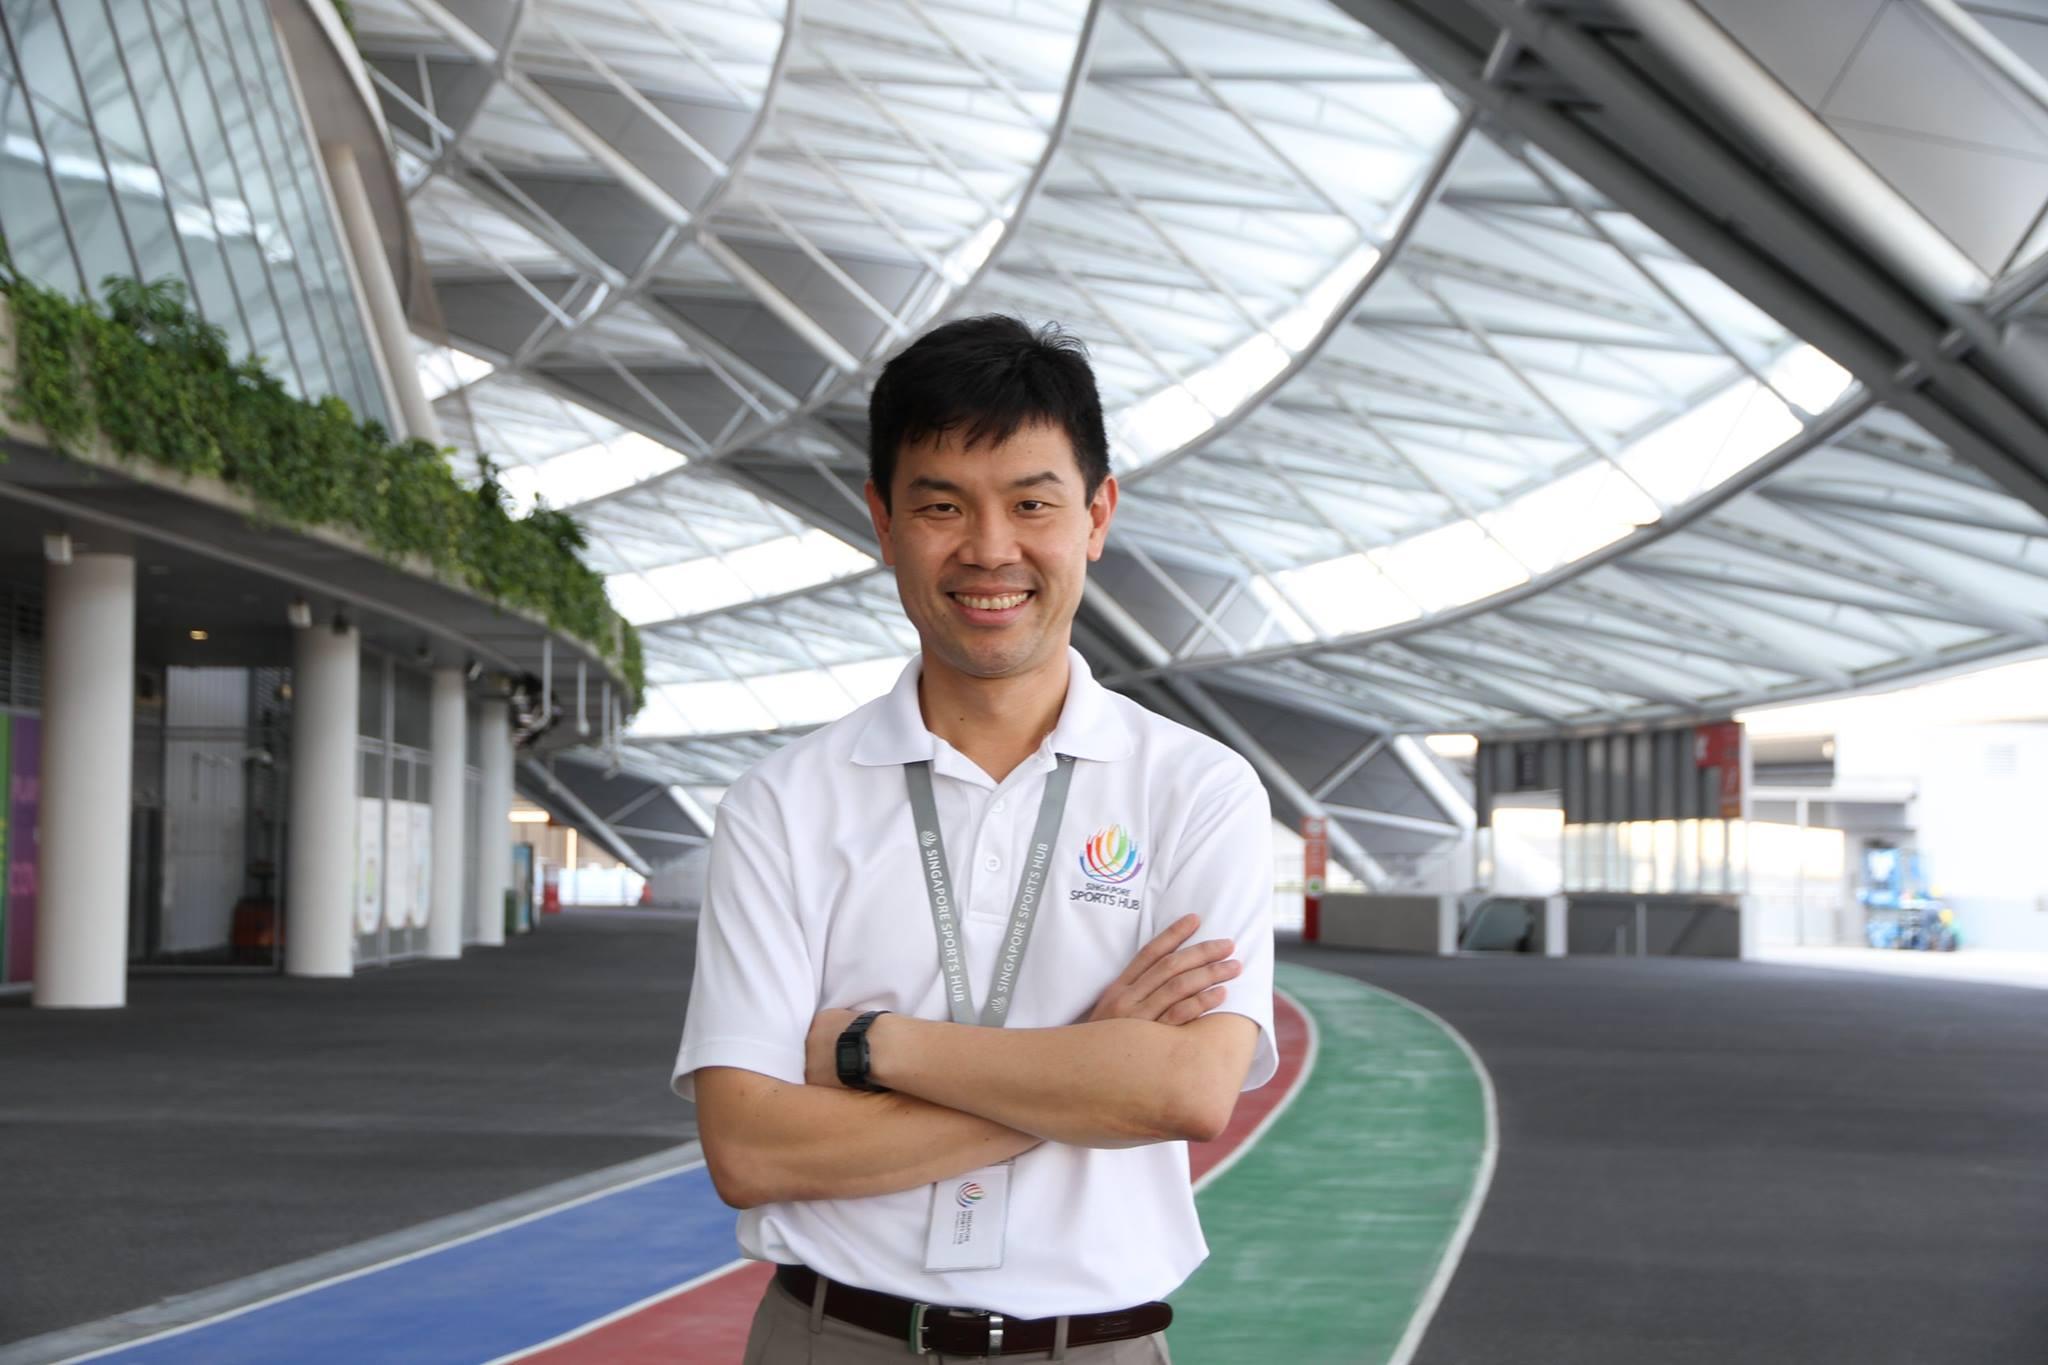 yu khing sports hub